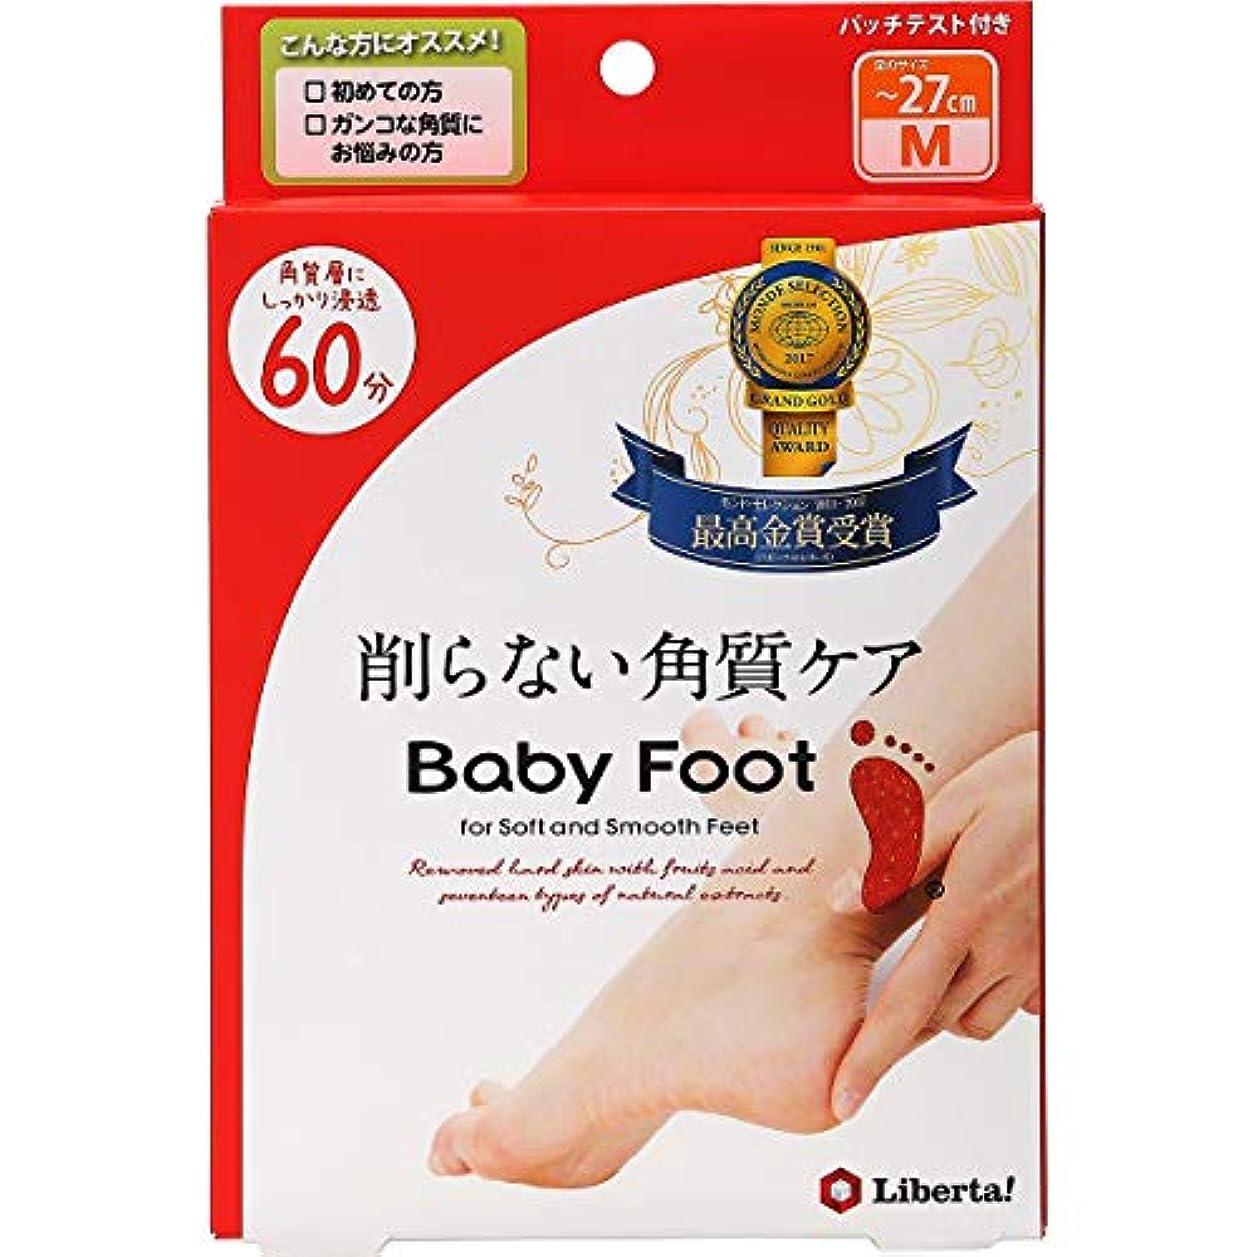 請願者慎重影響するベビーフット (Baby Foot) ベビーフット イージーパック SPT60分タイプ Mサイズ 単品